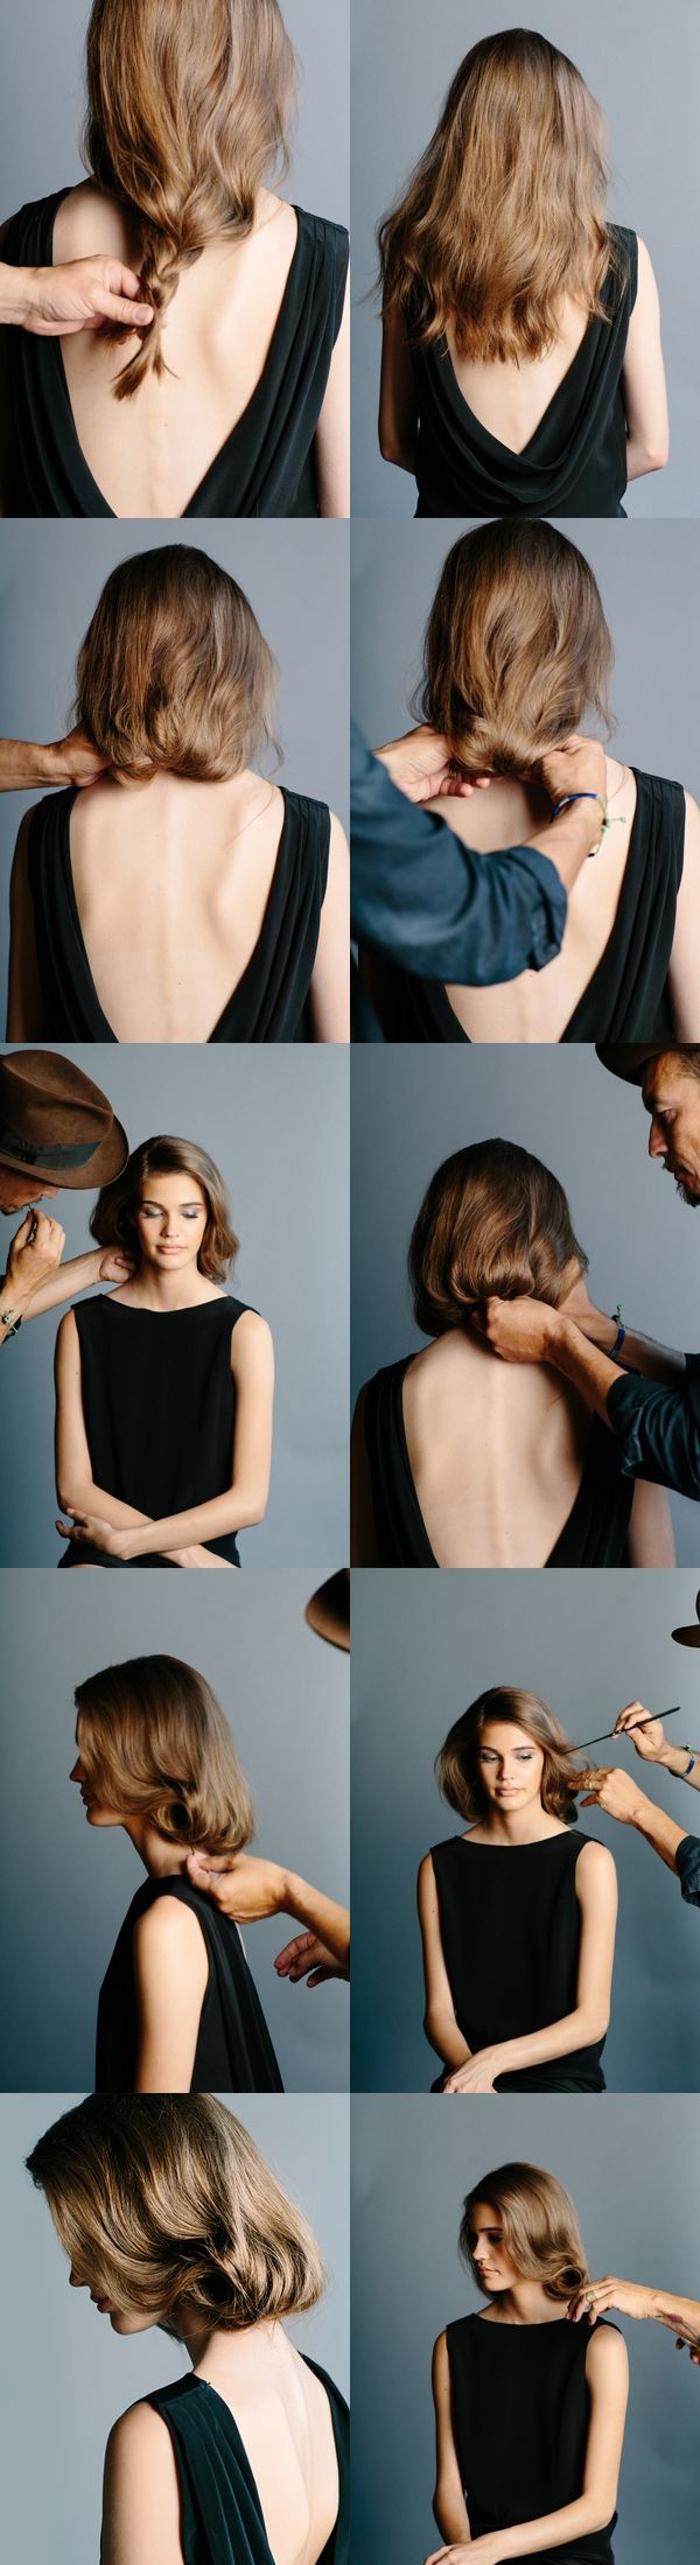 comment réaliser un faux carré à inspiration rétro coiffure femme année 50